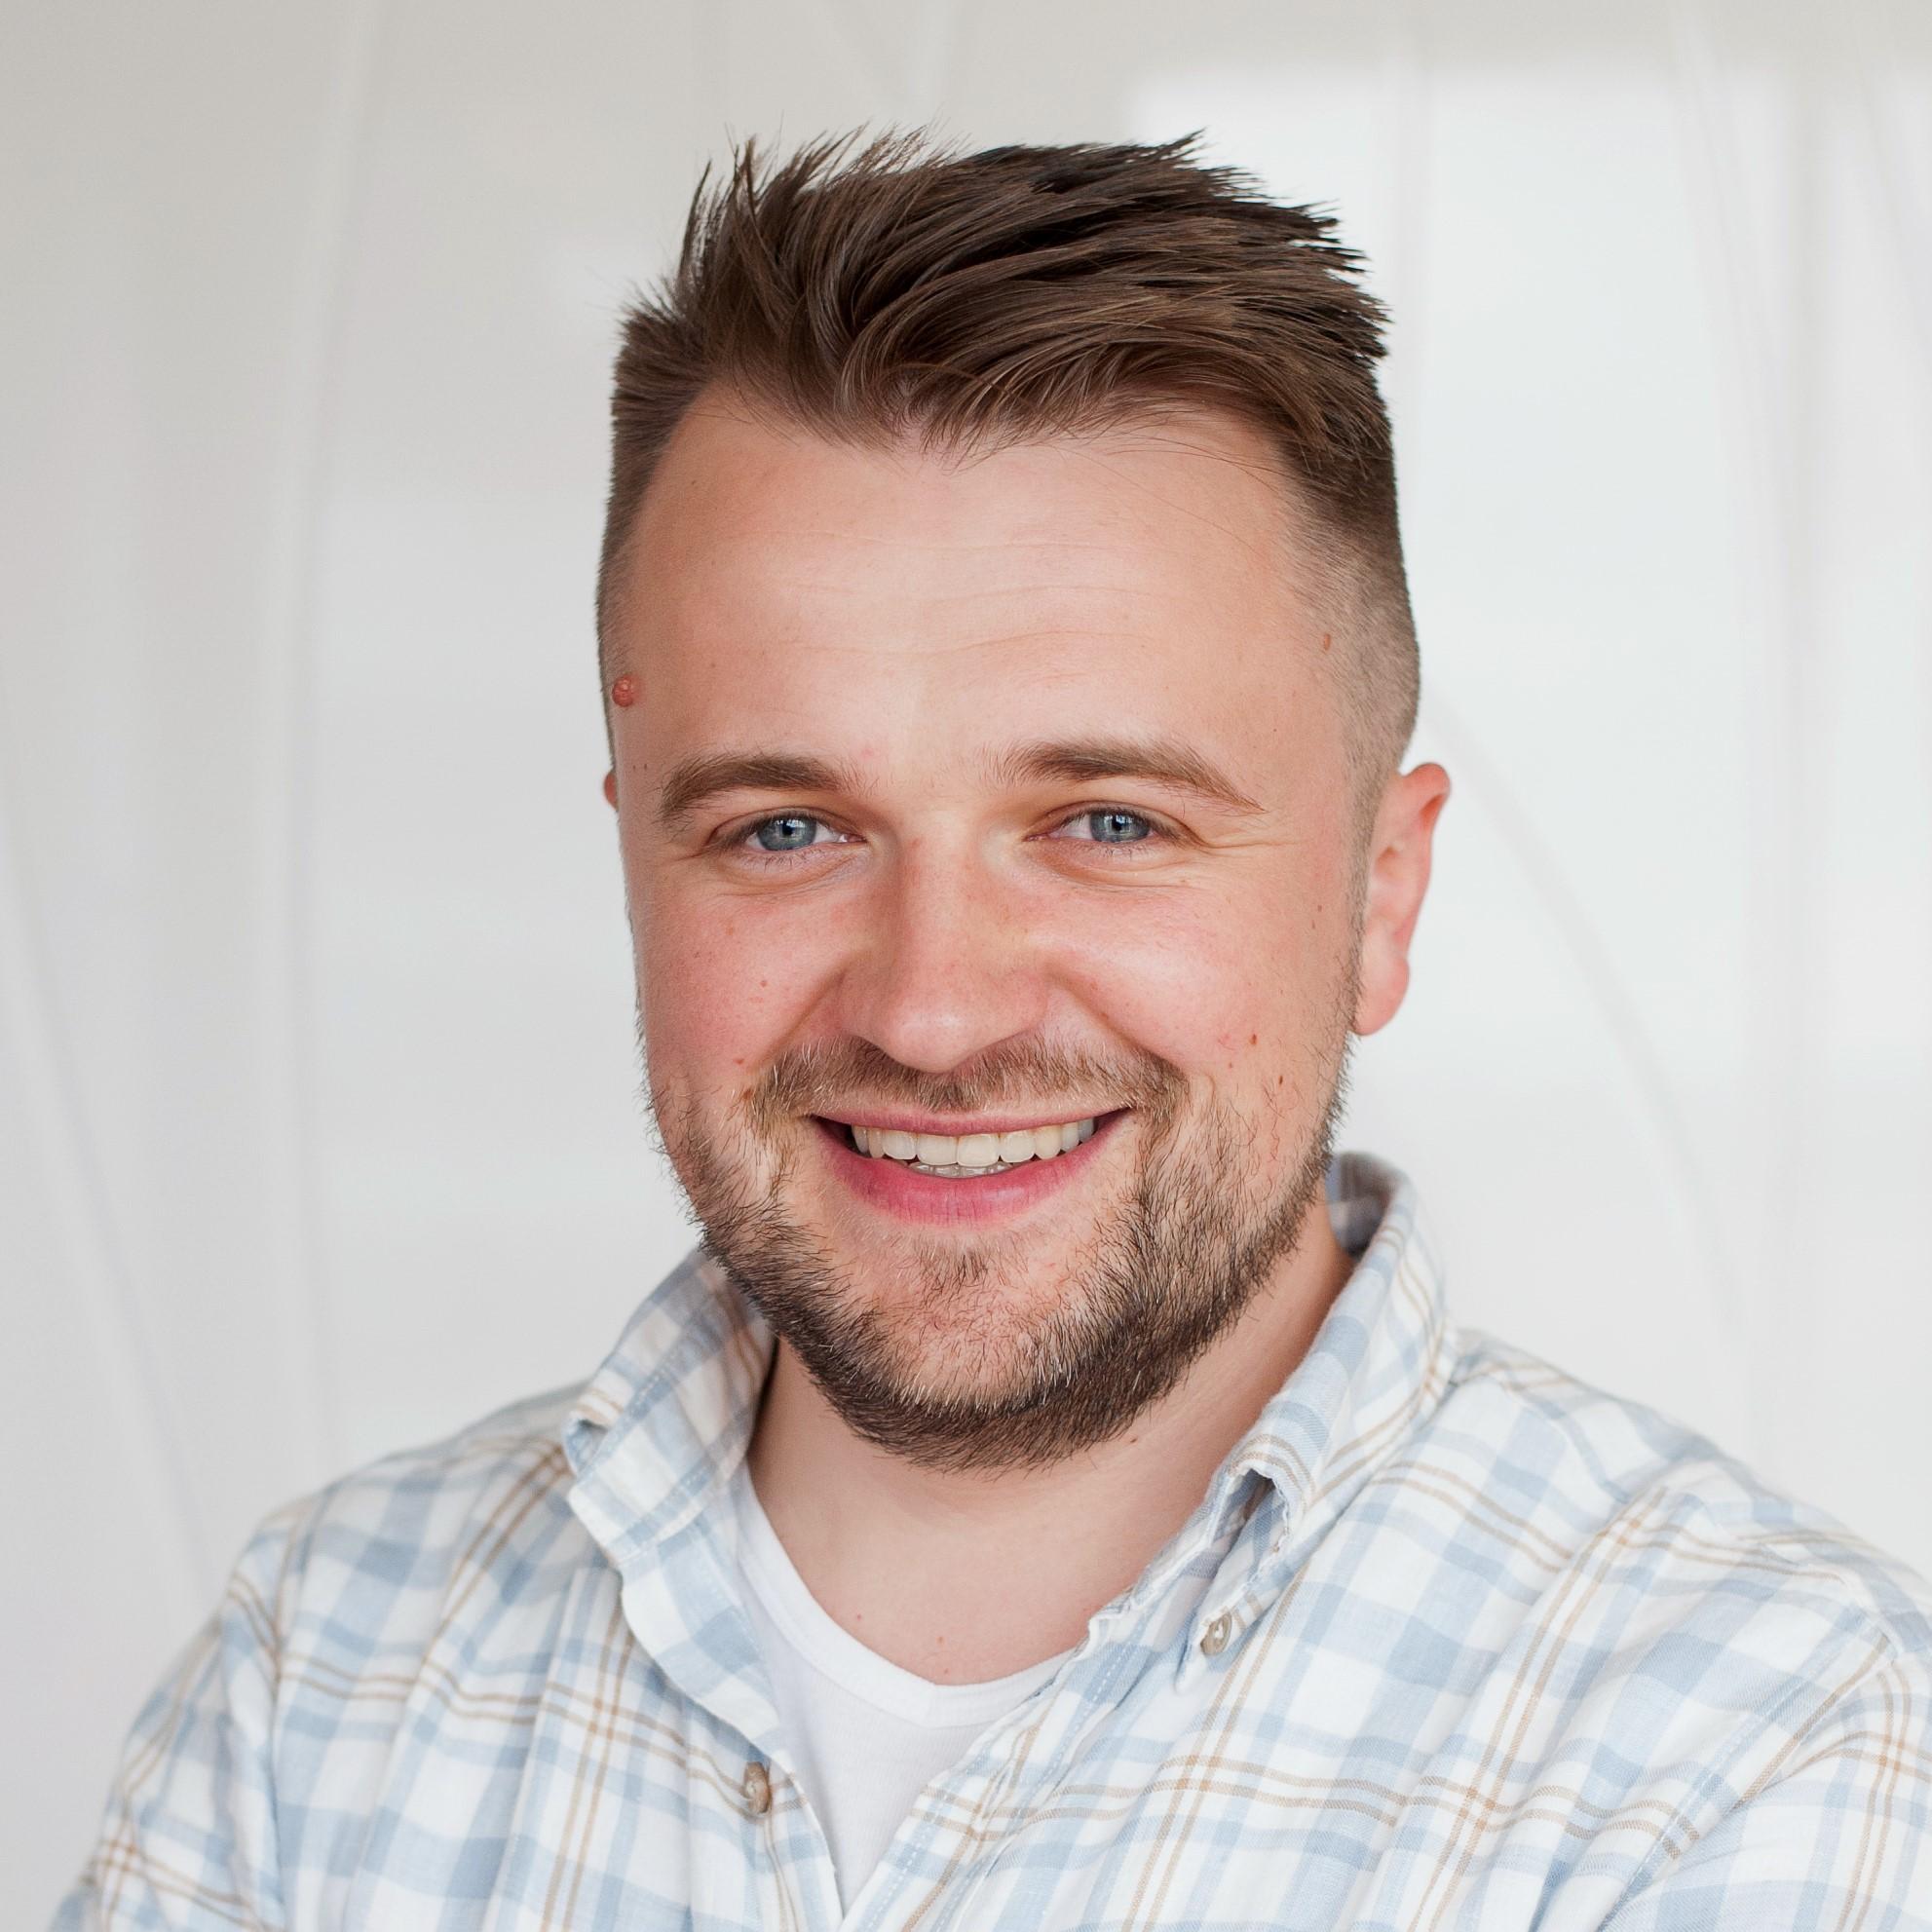 Szymon Pawlica